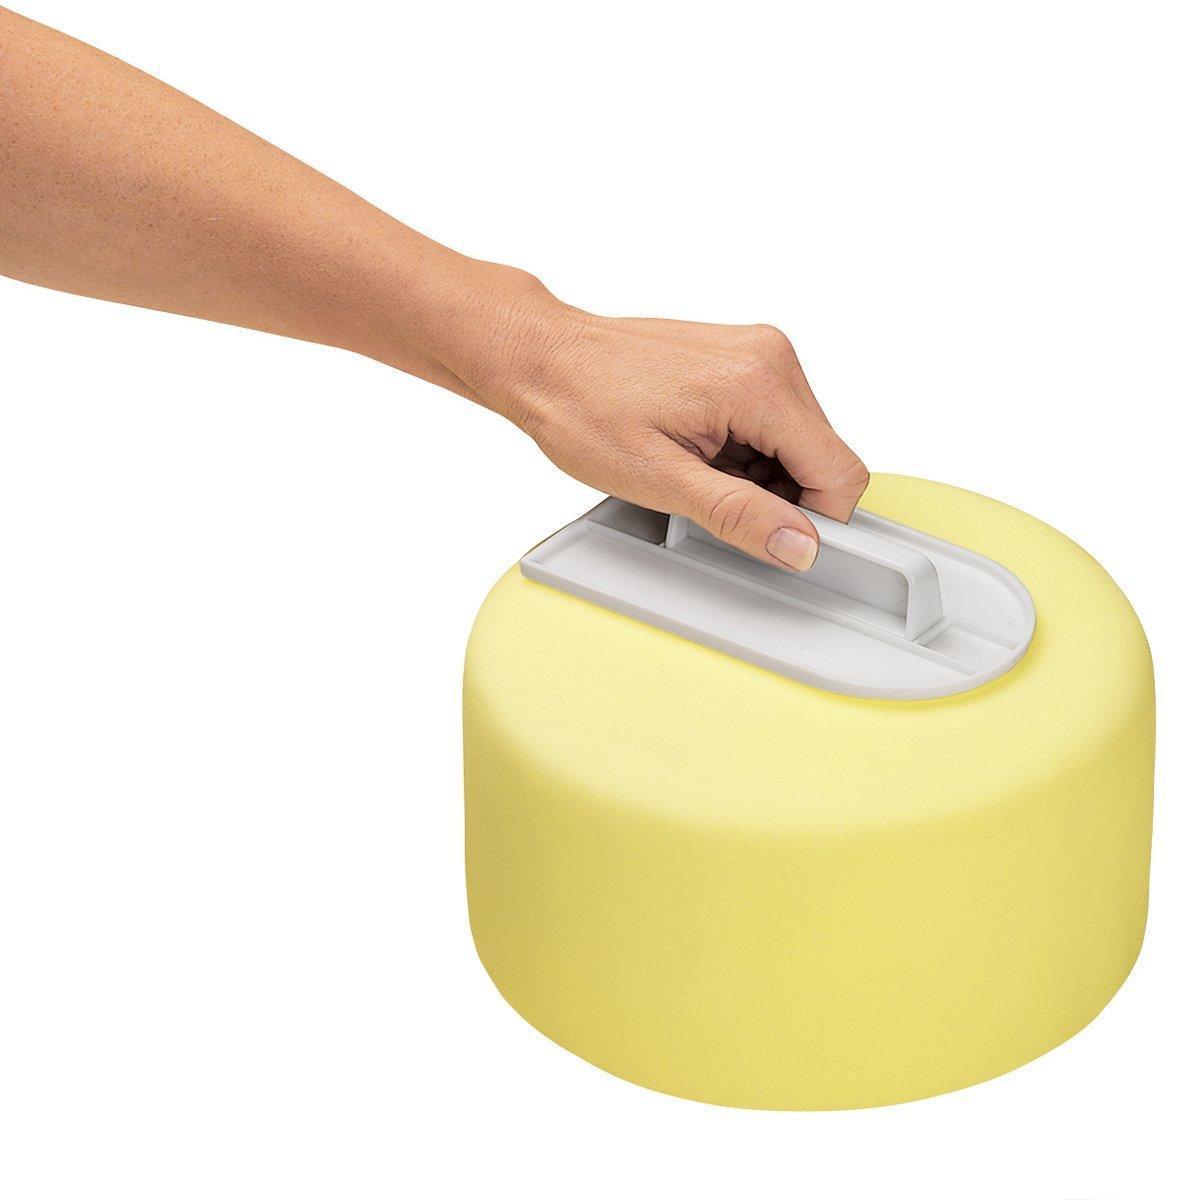 Πλαστική σπάτουλα λείανσης ζαχαρόπαστας